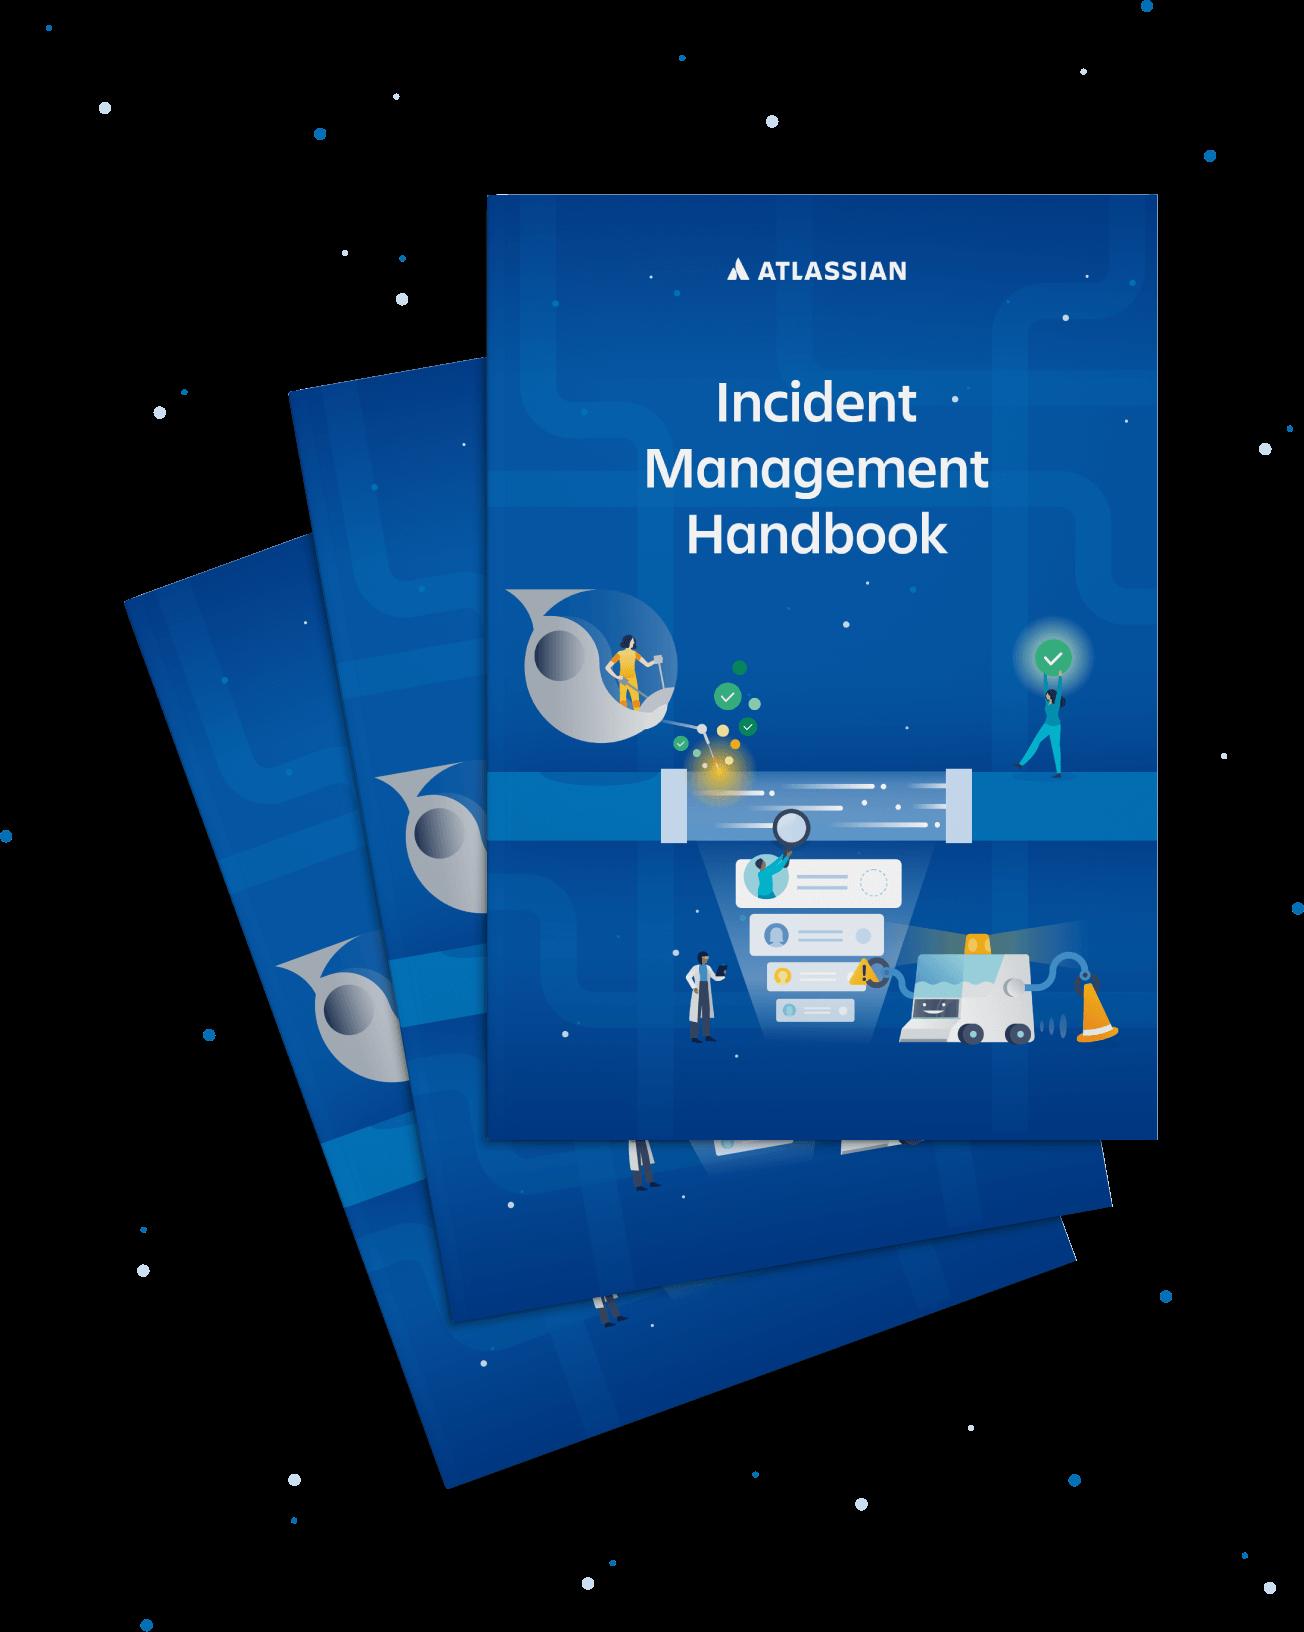 Справочник по управлению инцидентами